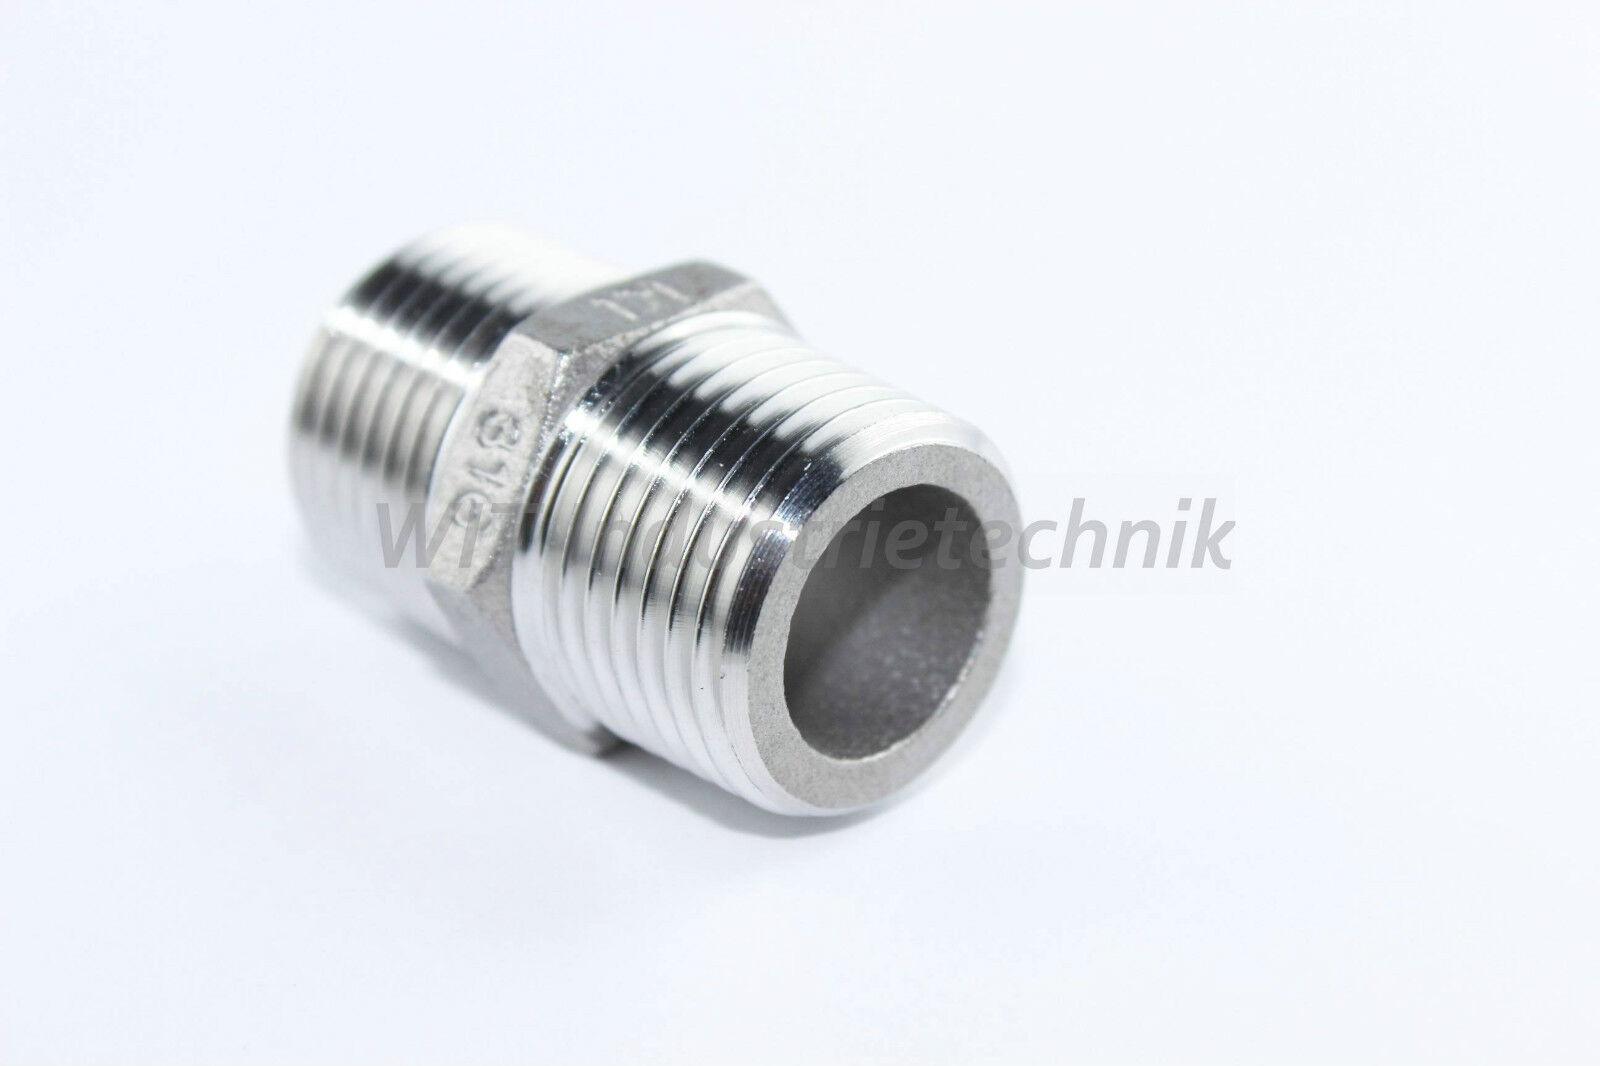 acier inox sechskant-doppelnippel sechskant-doppelnippel sechskant-doppelnippel 1.4436/1.4401 SIMILAIRE en 10241 (DIN 2990) 382307